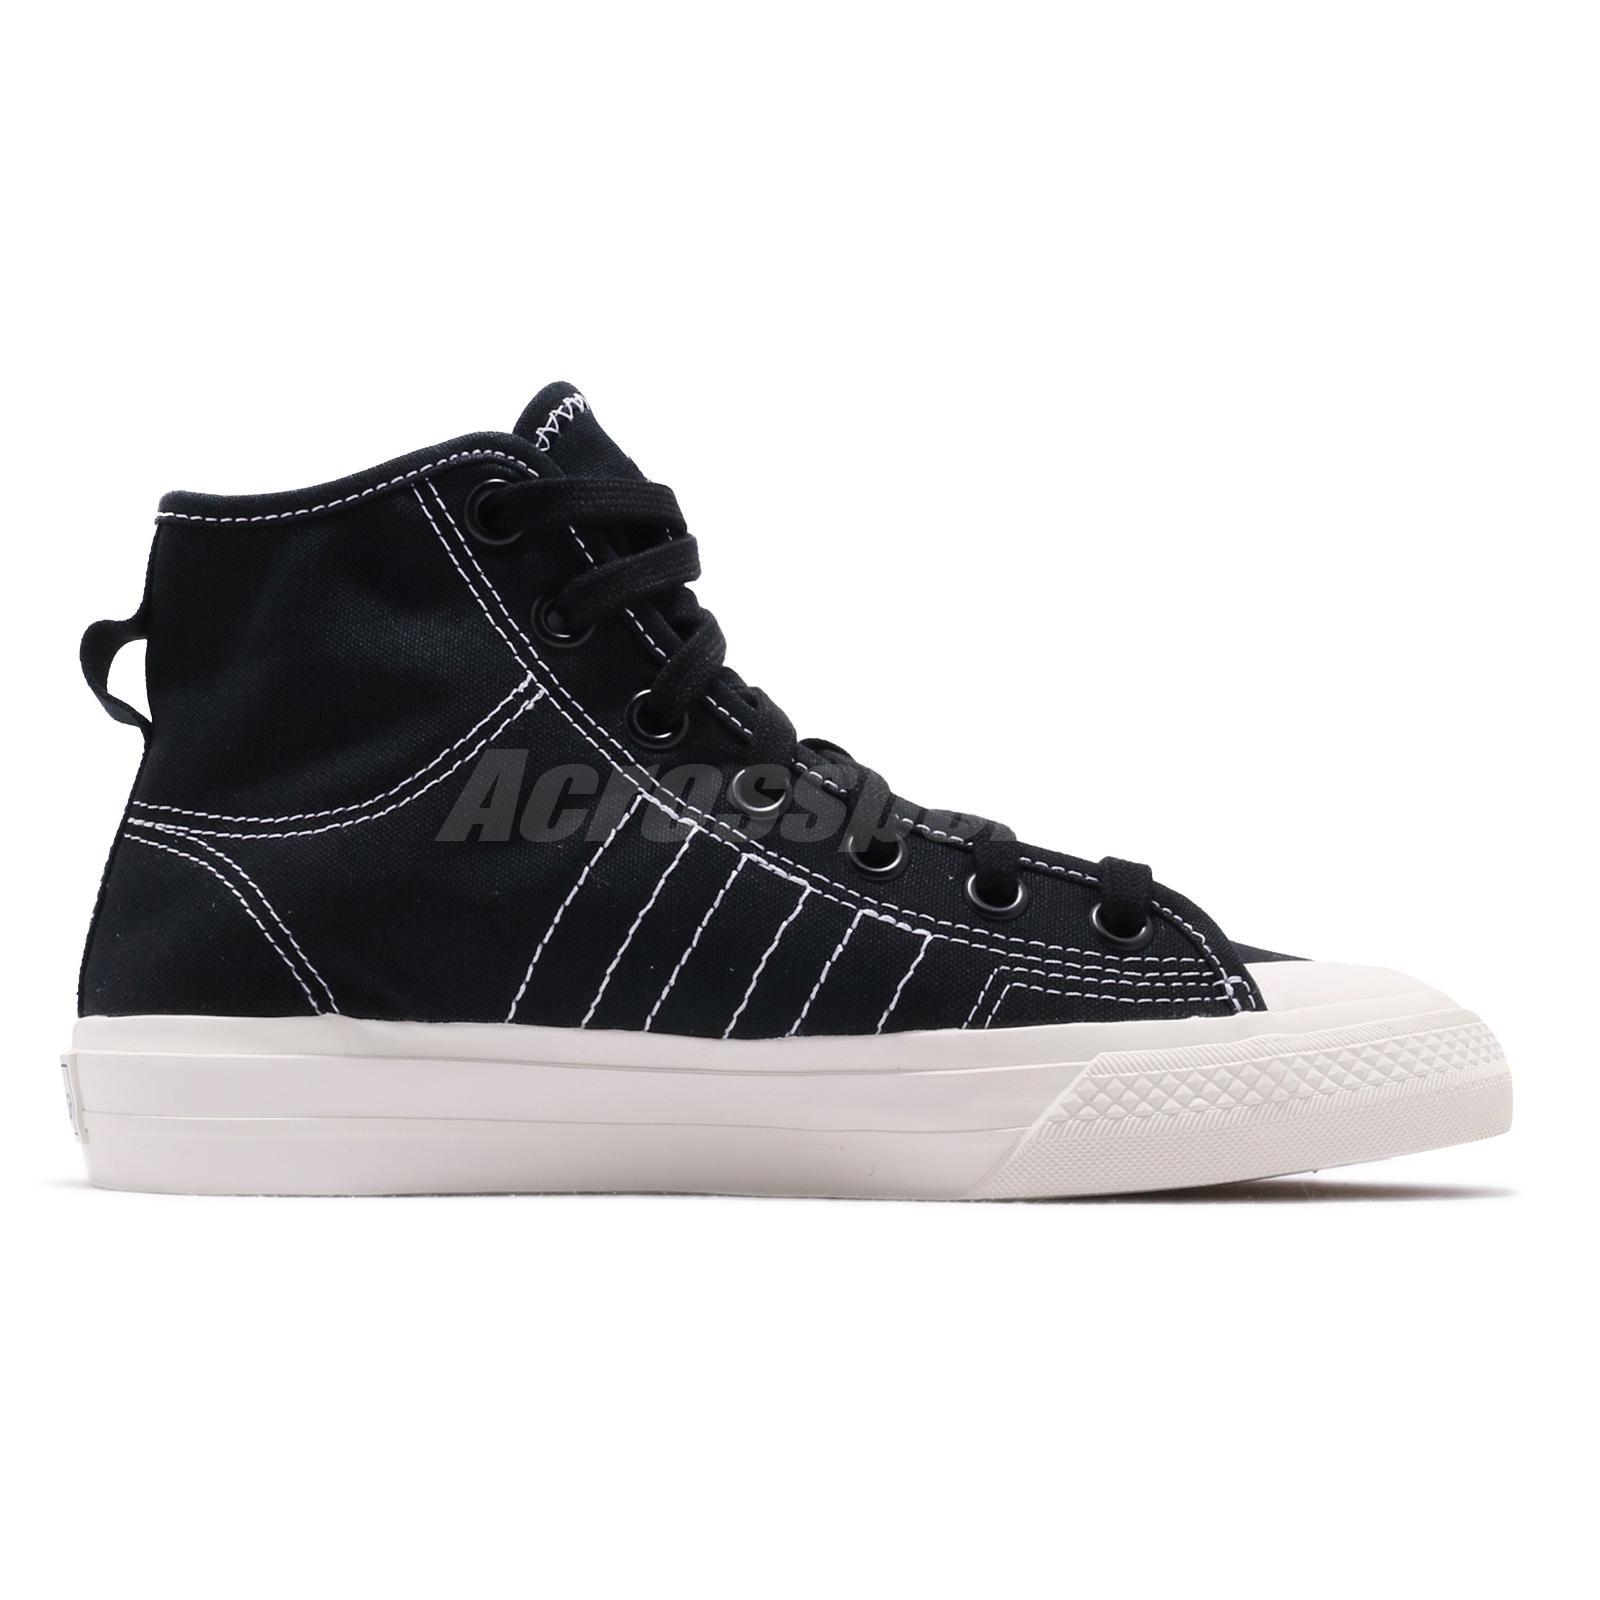 Details about adidas Originals Nizza RF Hi Black Off White Men Women Unisex  Casual Shoe F34057